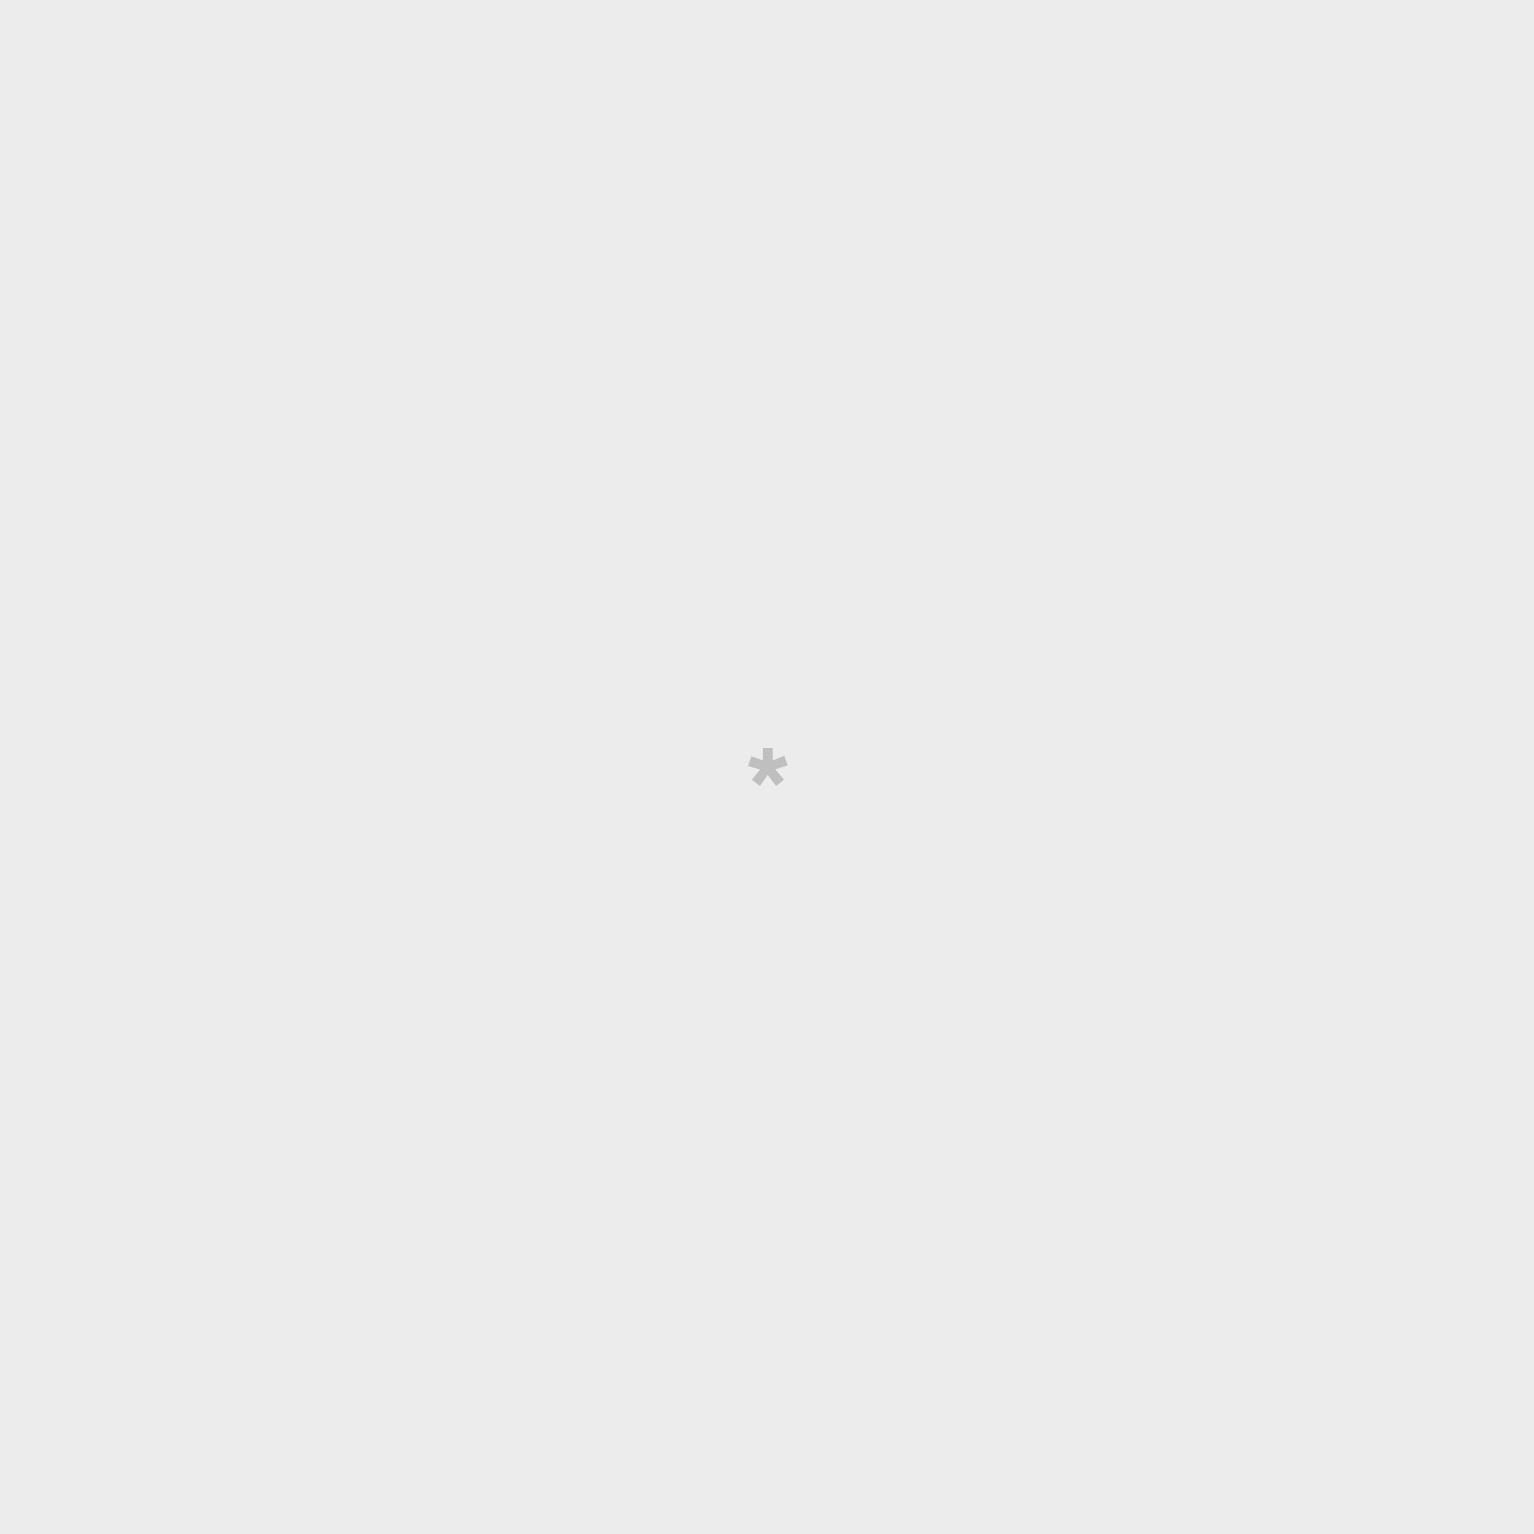 Carnet de notes adhésives